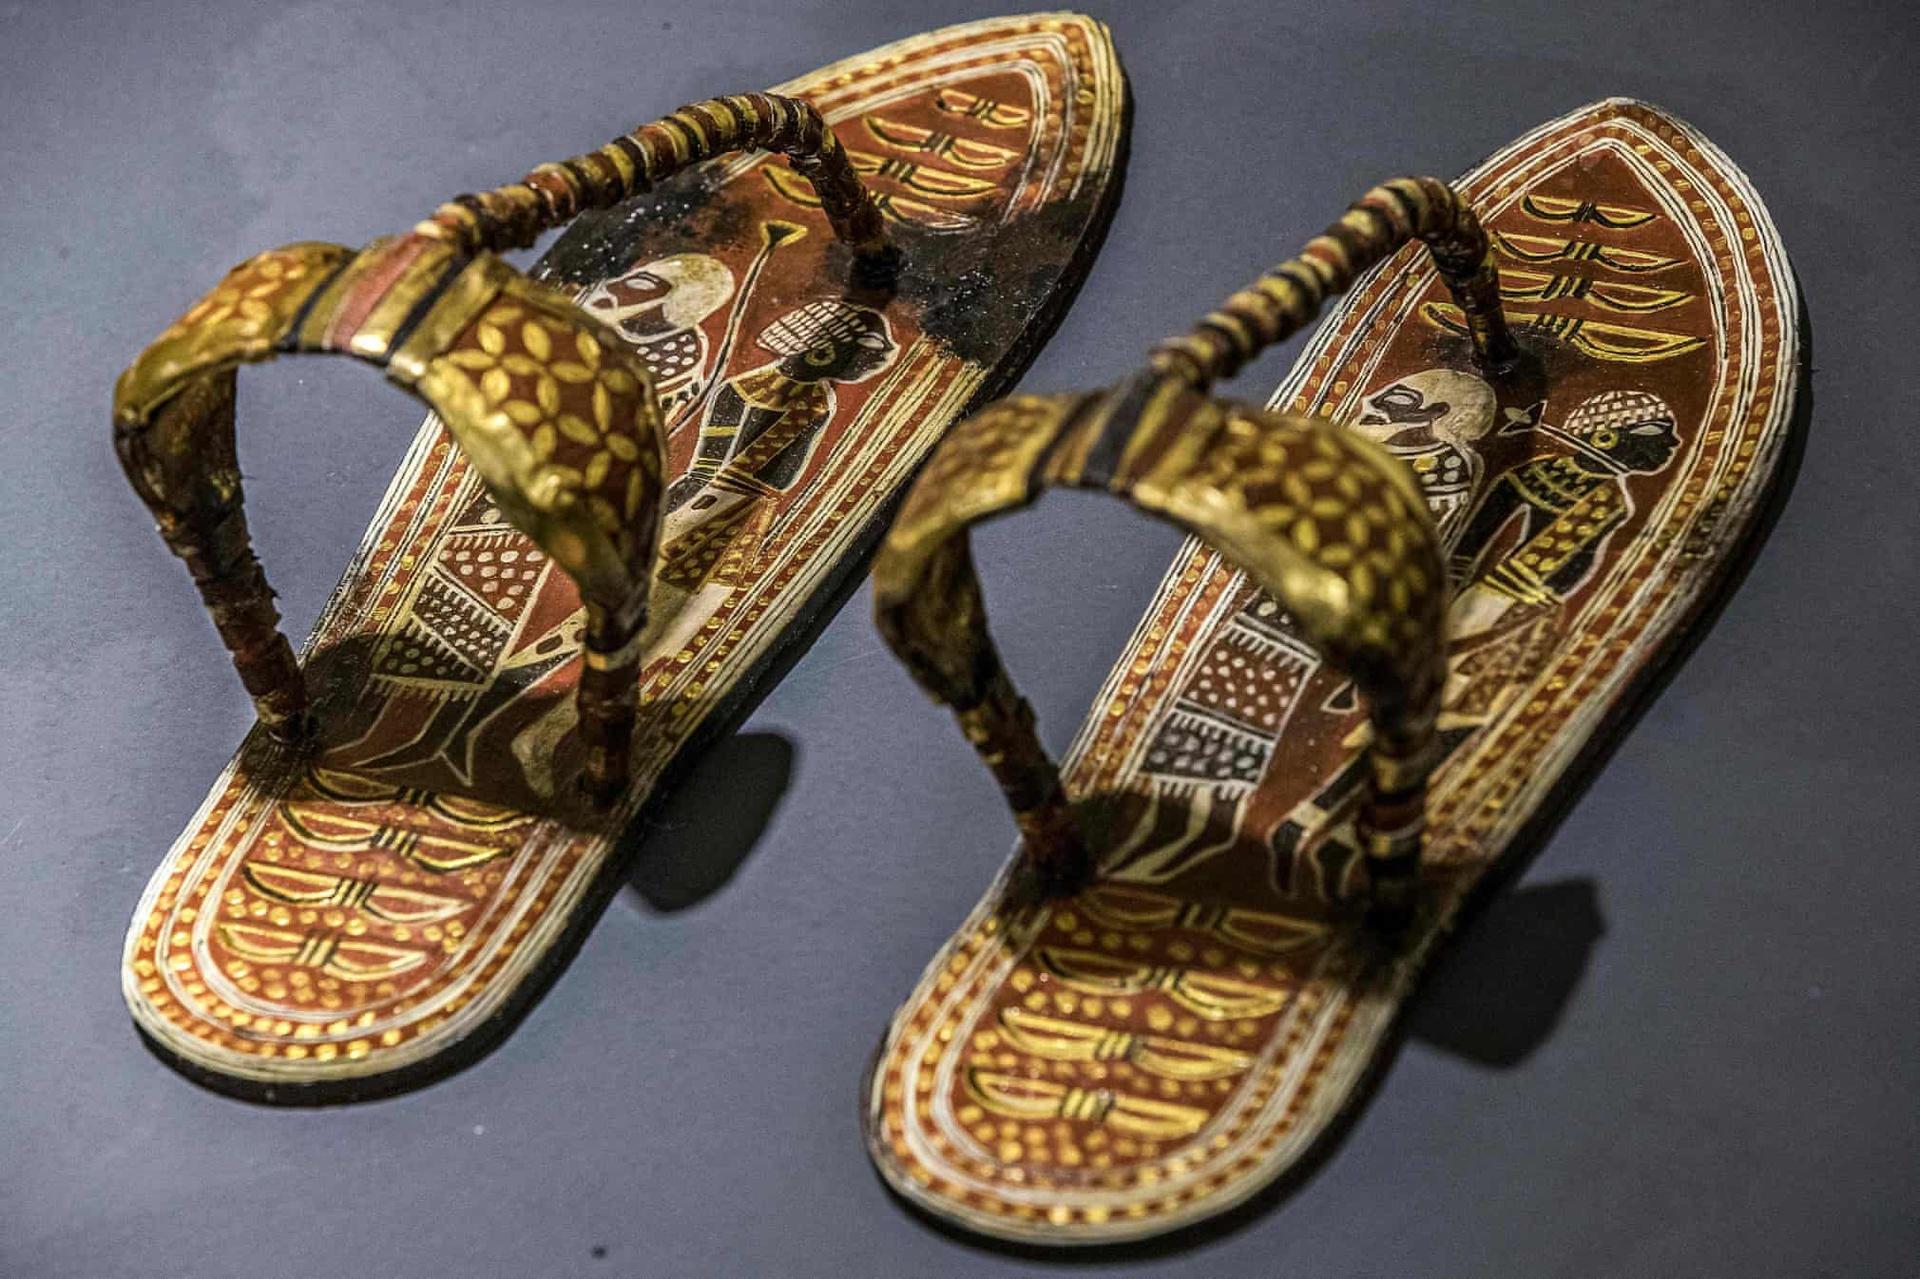 Bản sao của đôi dép được tìm thấy tại lăng mộ Tutankhamun, được chế tạo tại nhà máy Konouz.